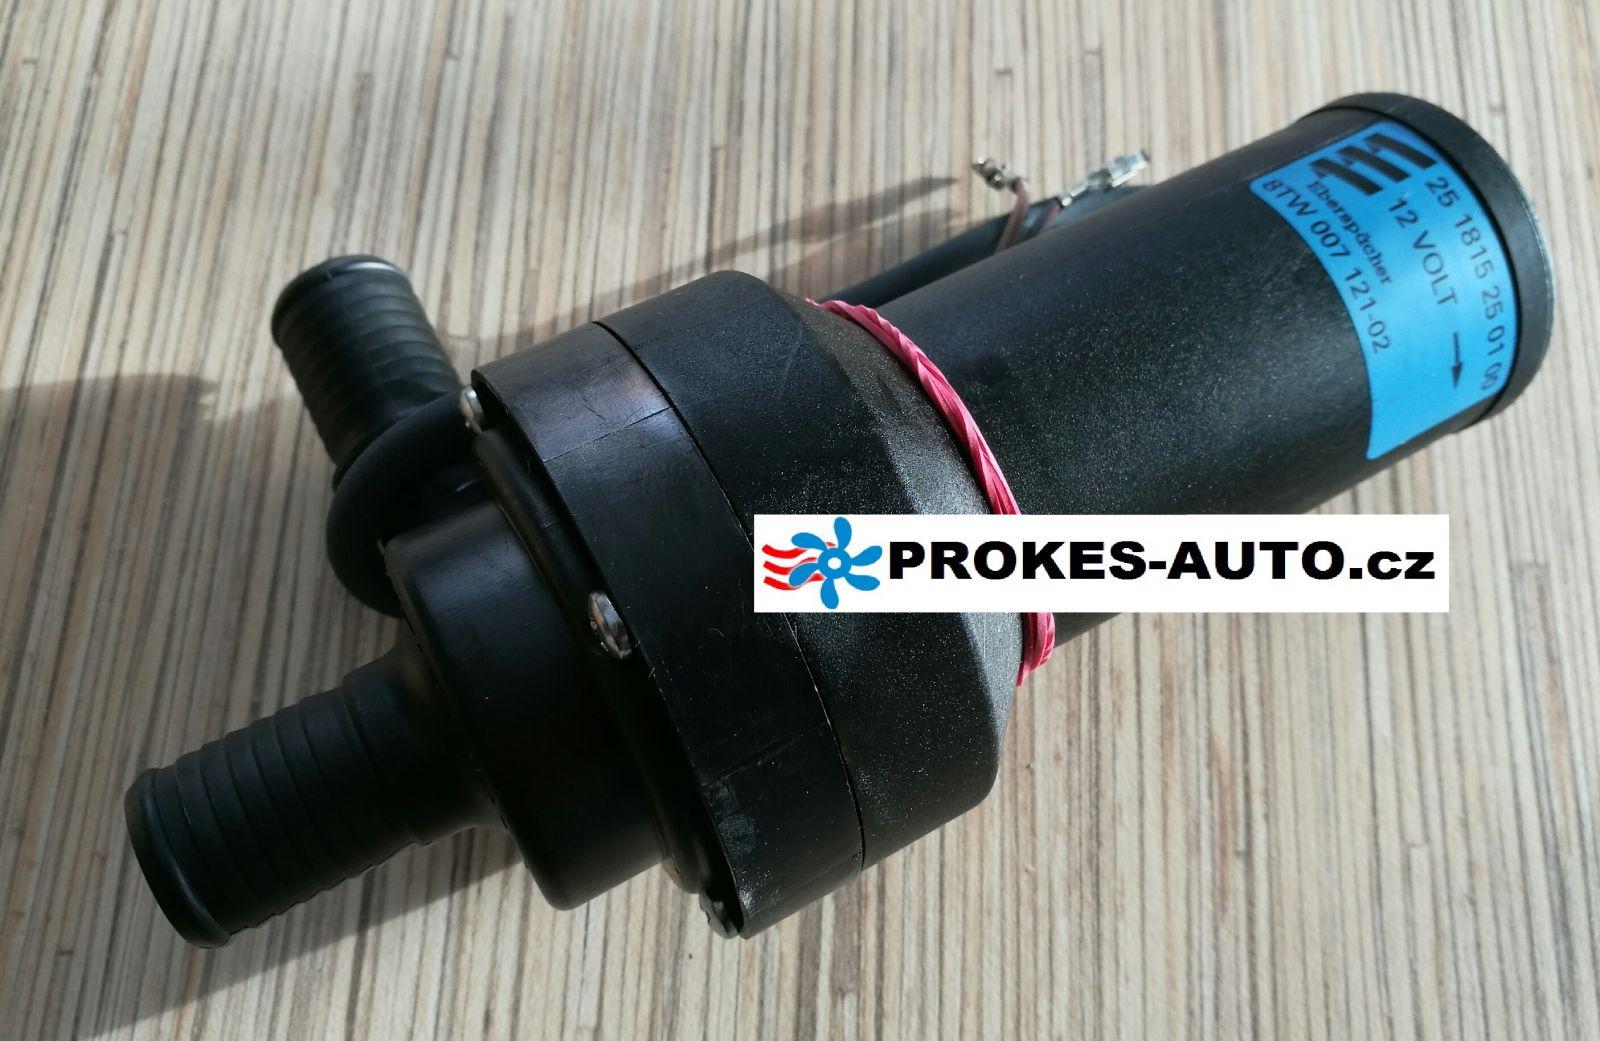 Wasserpumpe 12V D9W / Hydronic 10 Flowtronic 1200S 251815250100 Eberspächer